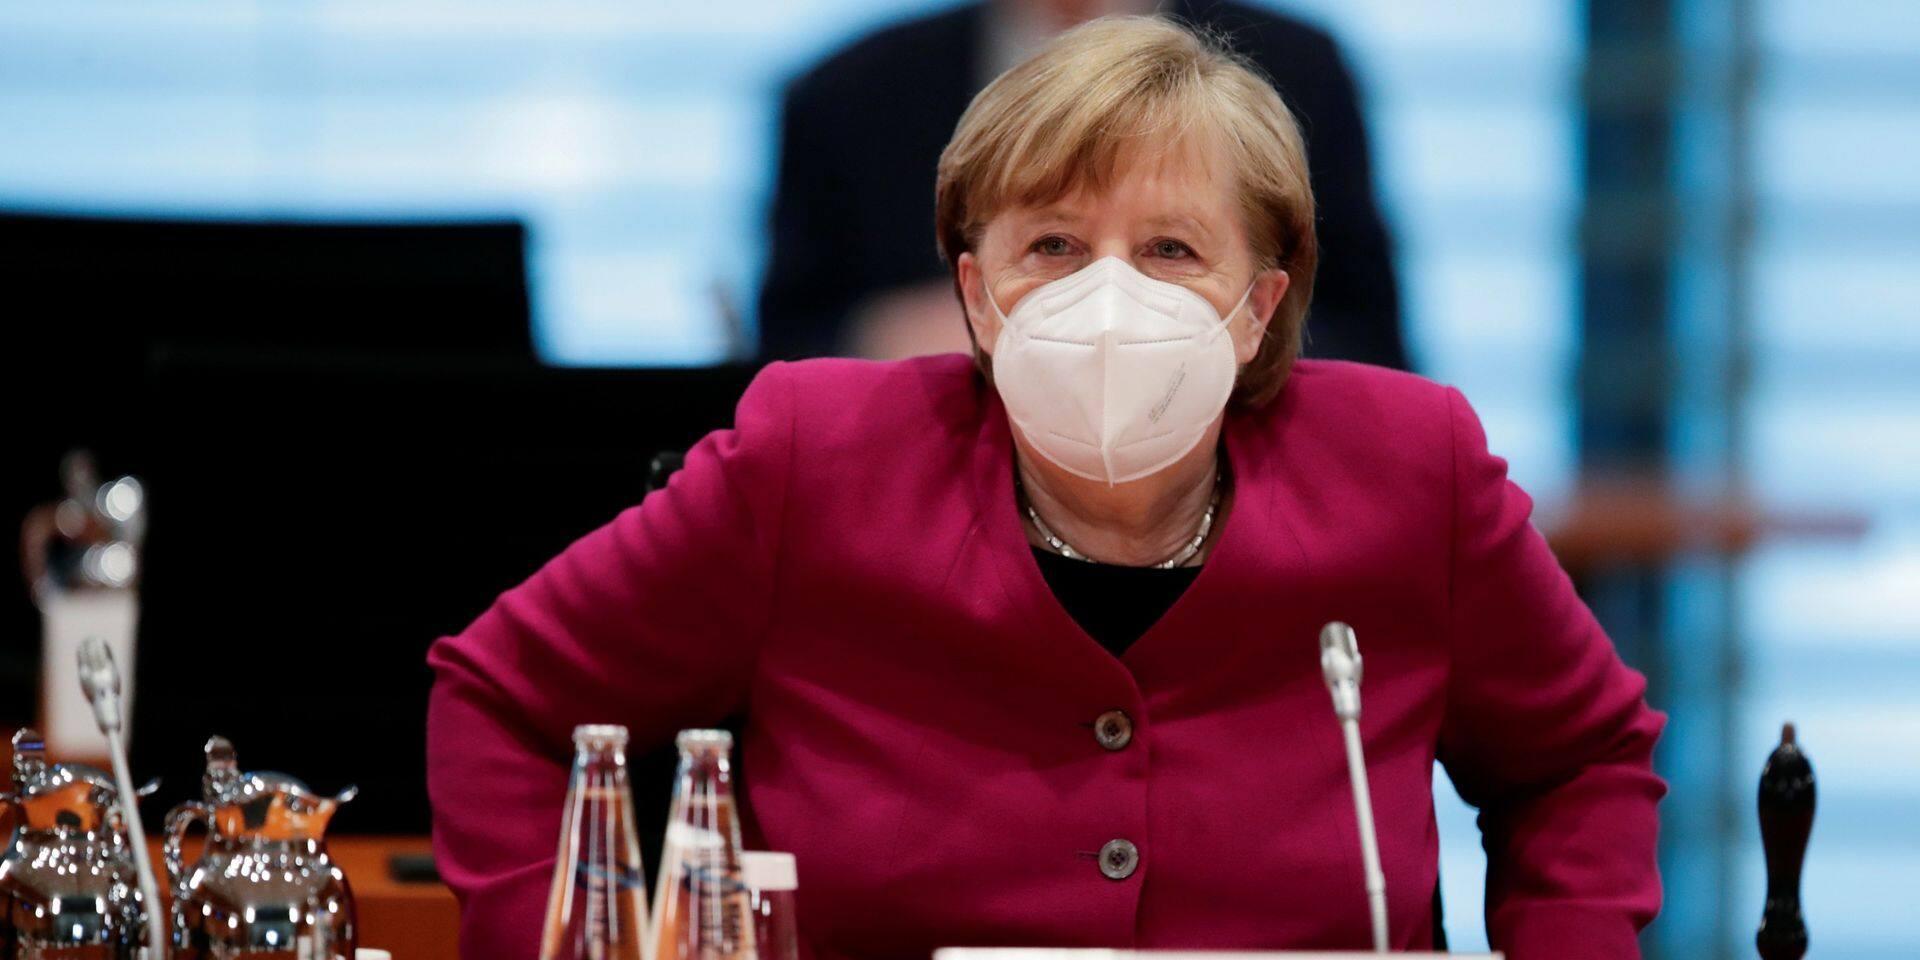 """Face à la """"pression menaçante"""" sur les hôpitaux, Angela Merkel évoque un """"court verrouillage"""" dans toute l'Allemagne"""